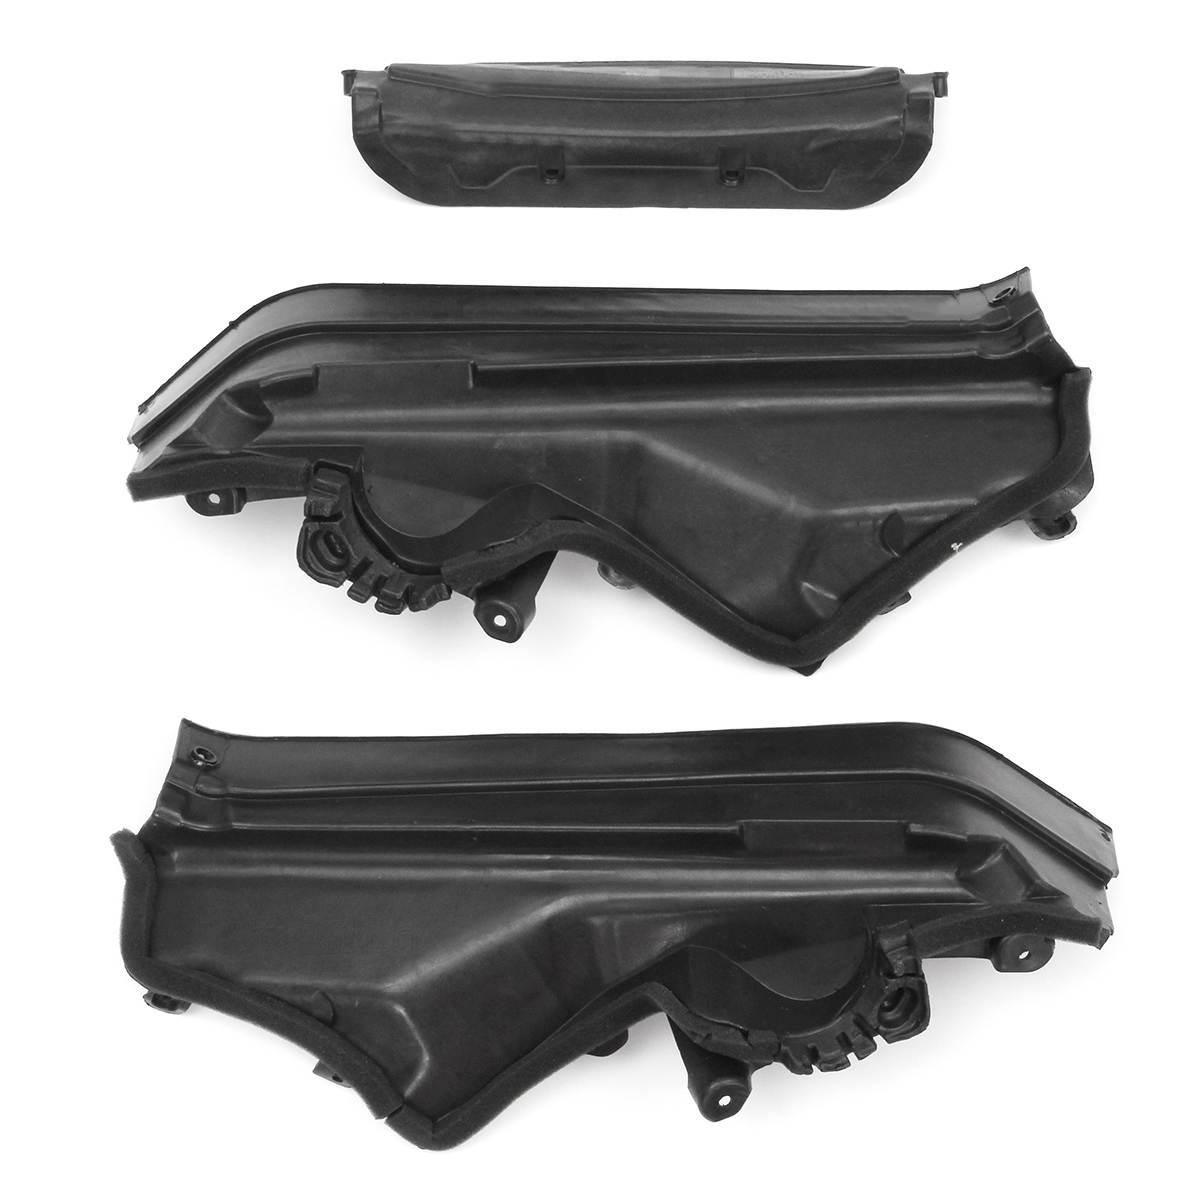 Высокое качество 3 шт Автомобильный двигатель верхний отсек панель перегородки Набор для BMW X5 X6 E70 E71 E72 51717169419 51717169420 51717169421